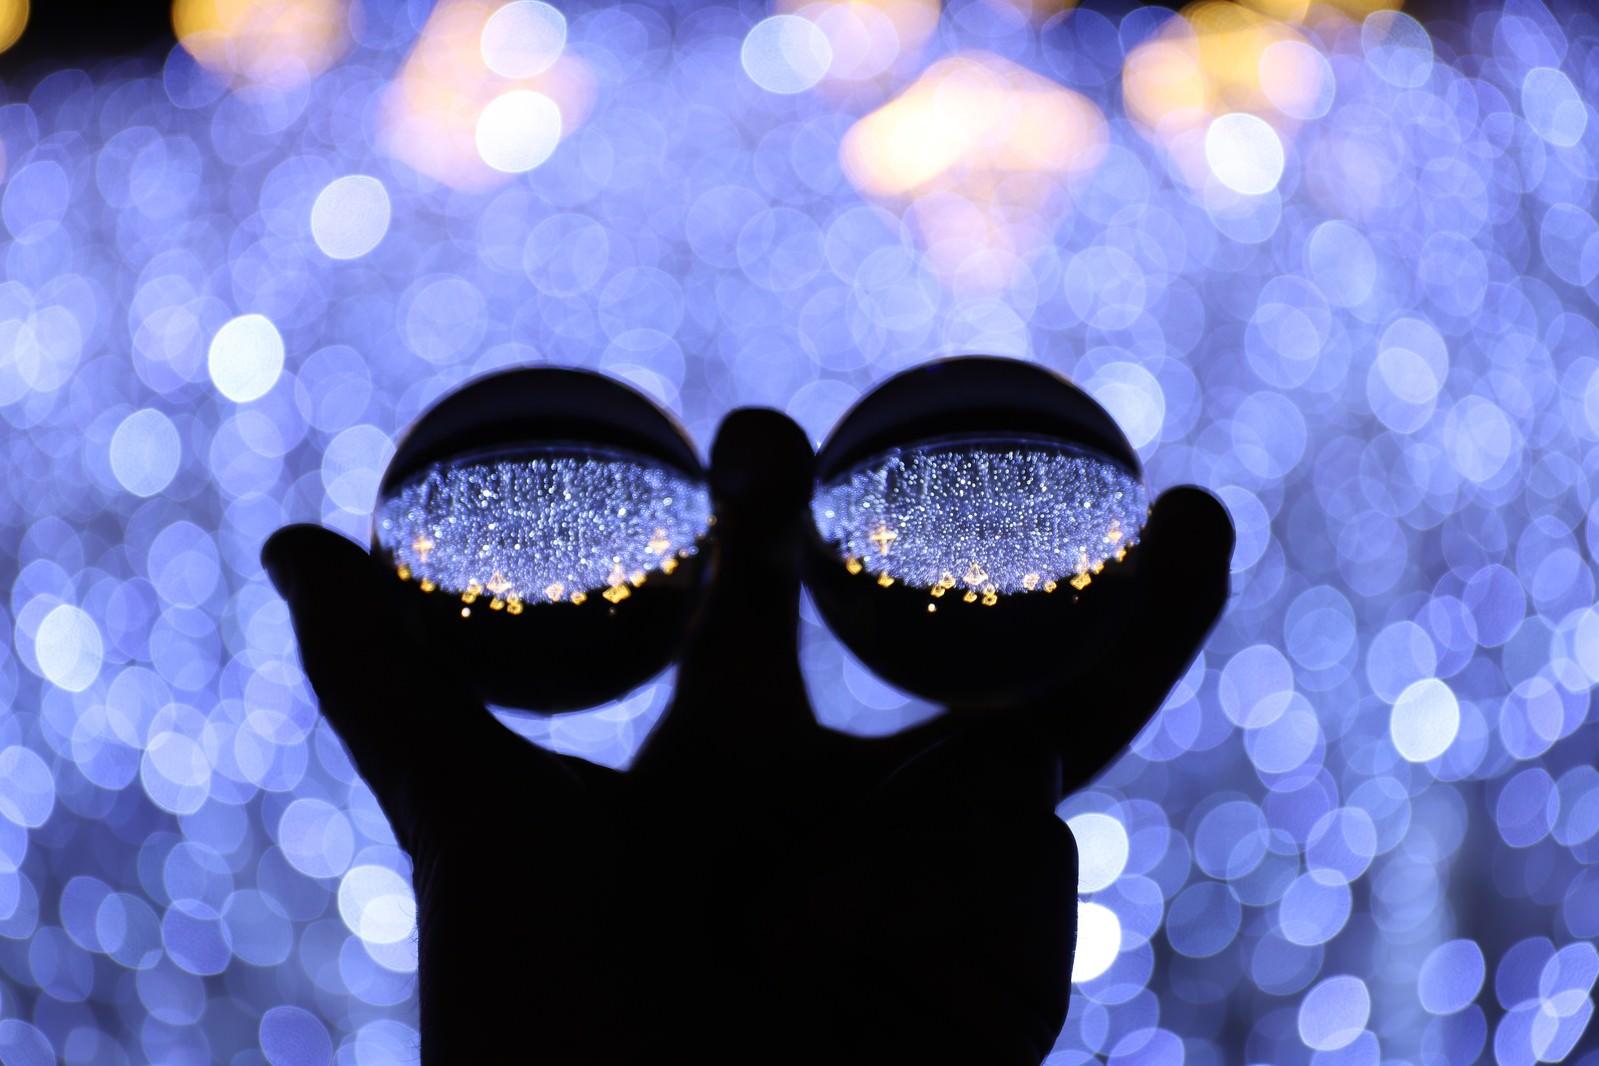 「2つの水晶玉に写るイルミネーション(神戸ルミナリエ)」の写真